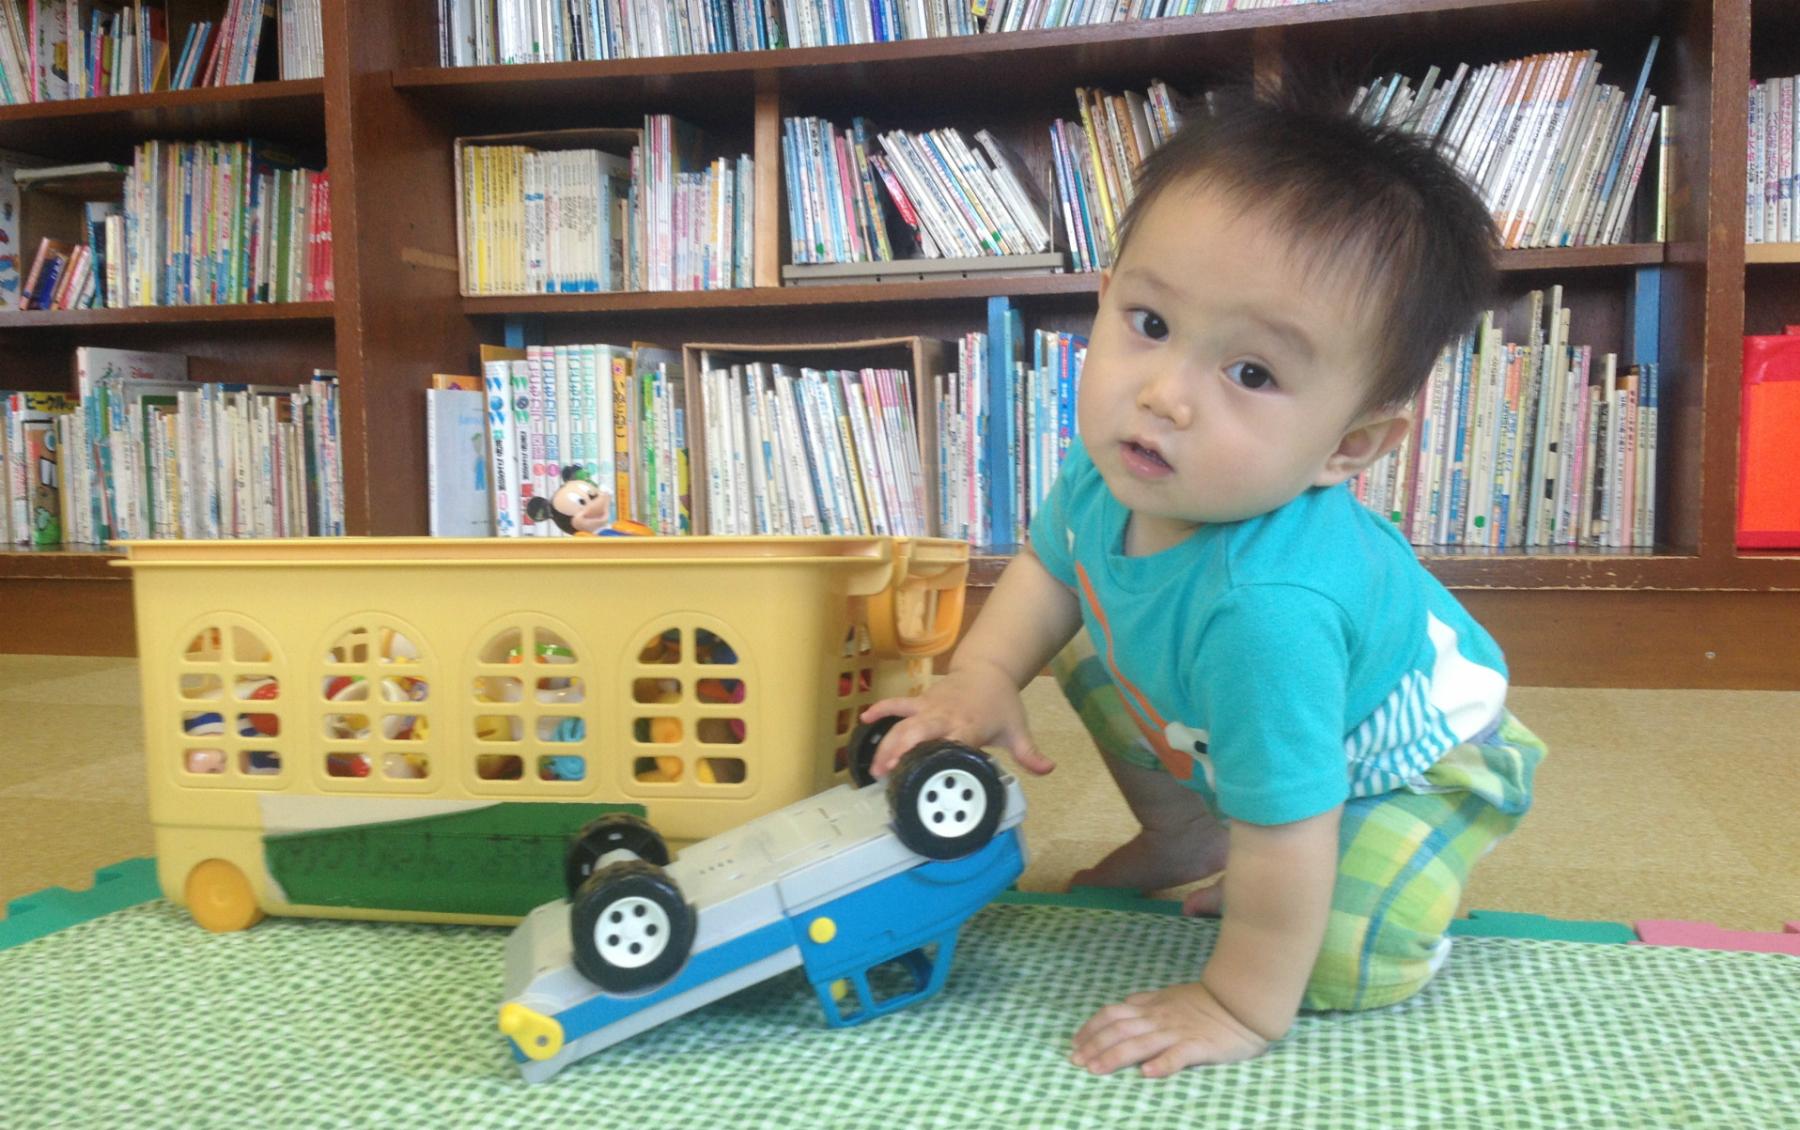 次々と児童館の廃止・再編が検討される理由-児童館は単なる子どもの「無料室内娯楽・余暇施設」なのか?